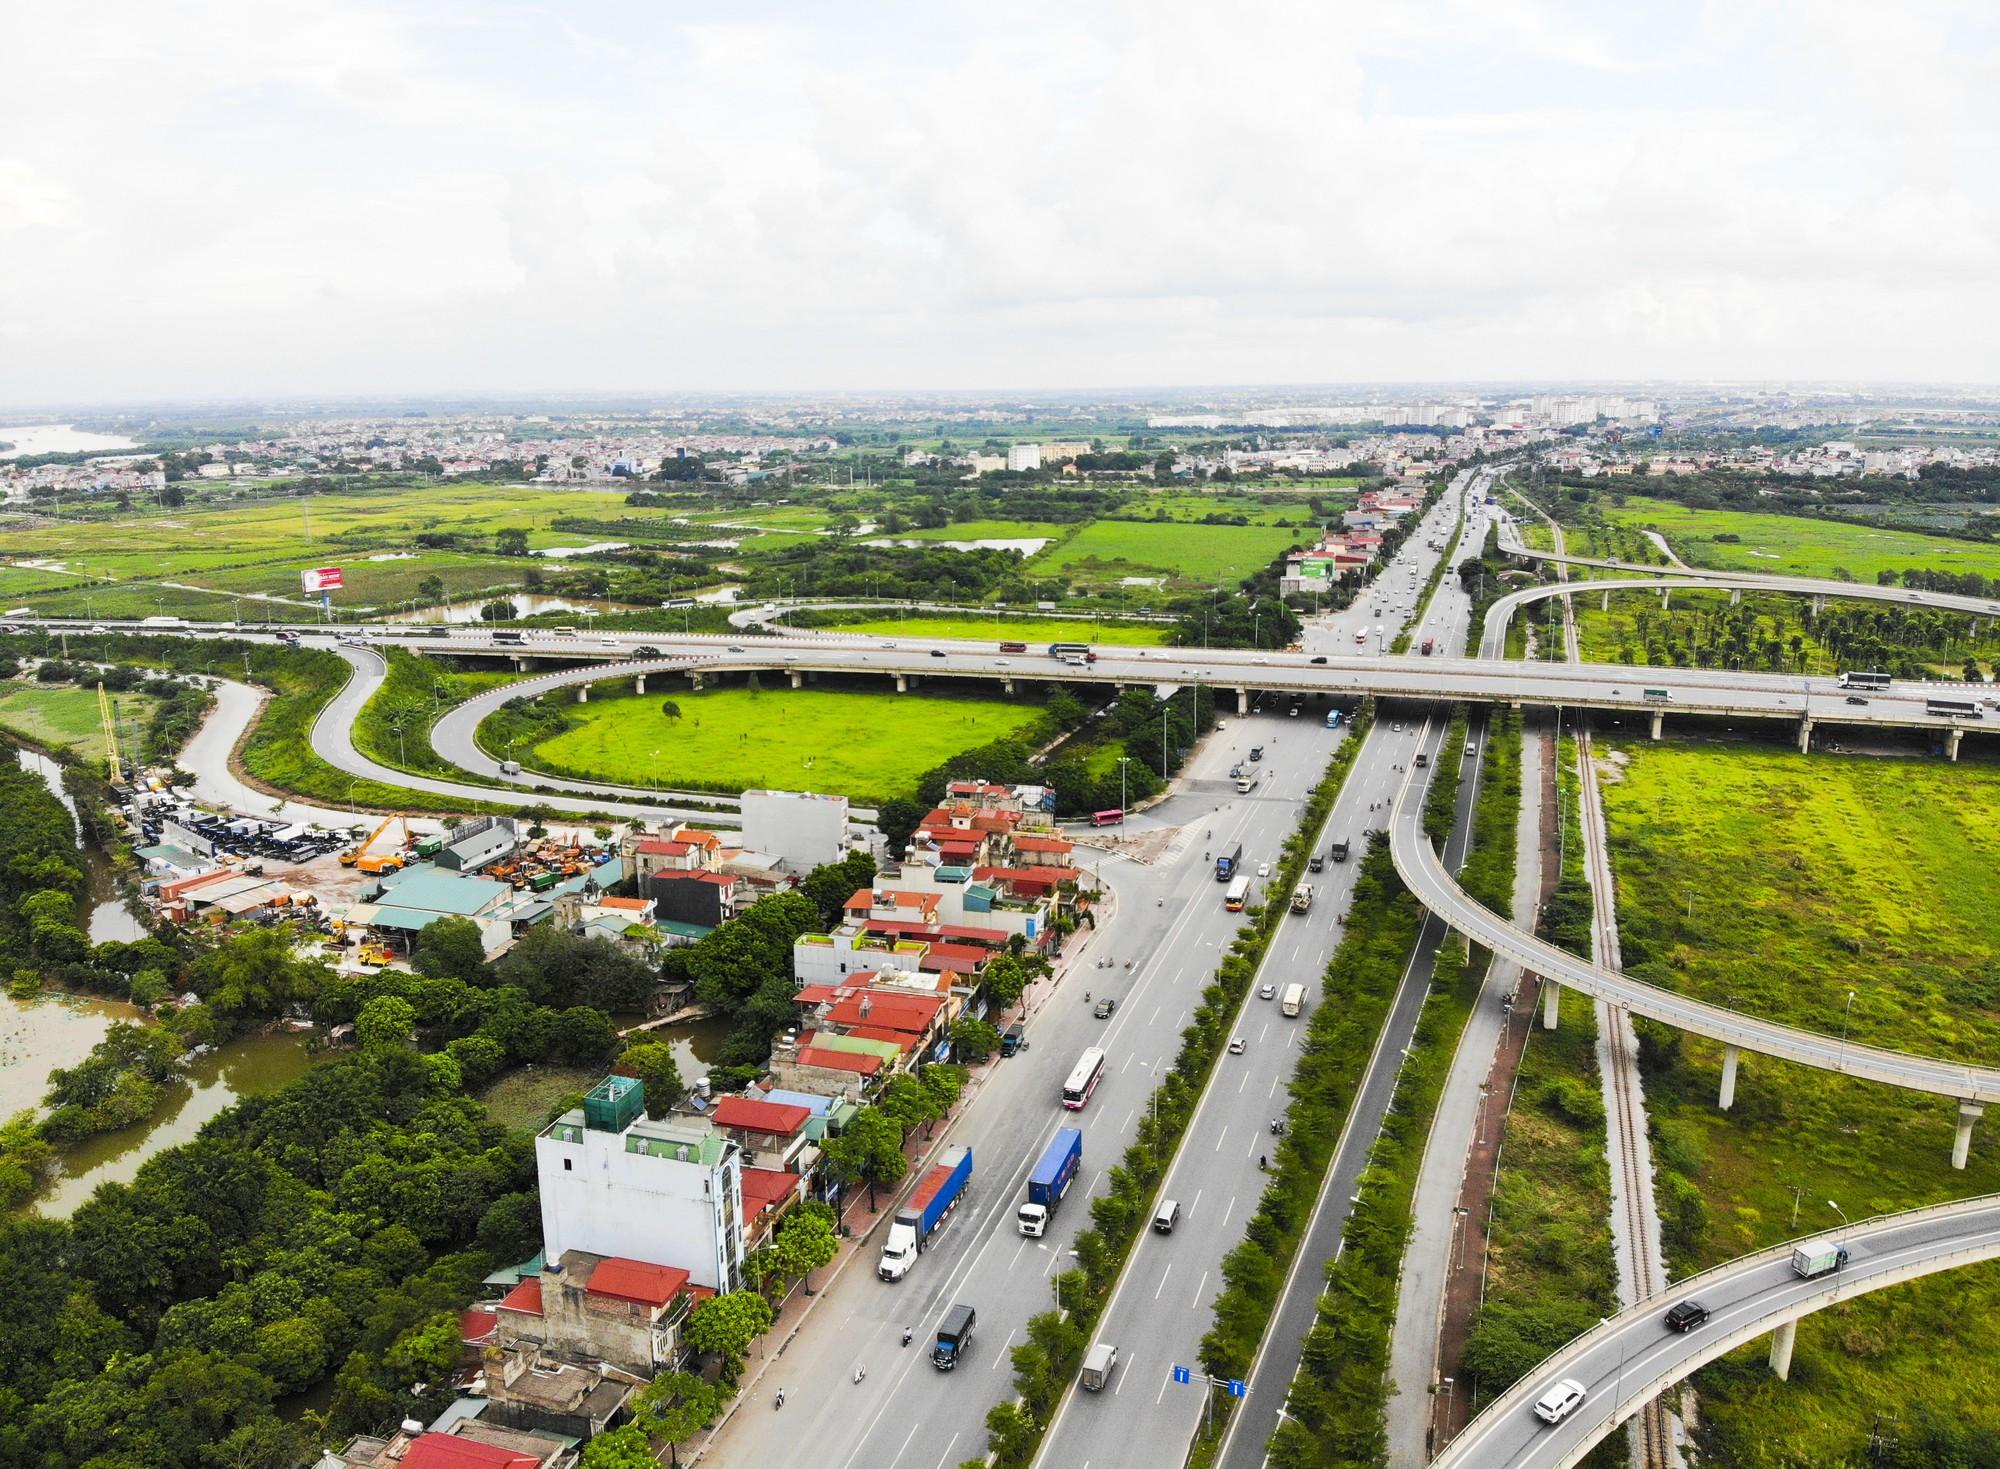 Những giao lộ khổng lồ thay đổi diện mạo cửa ngõ Thủ đô - Ảnh 10.